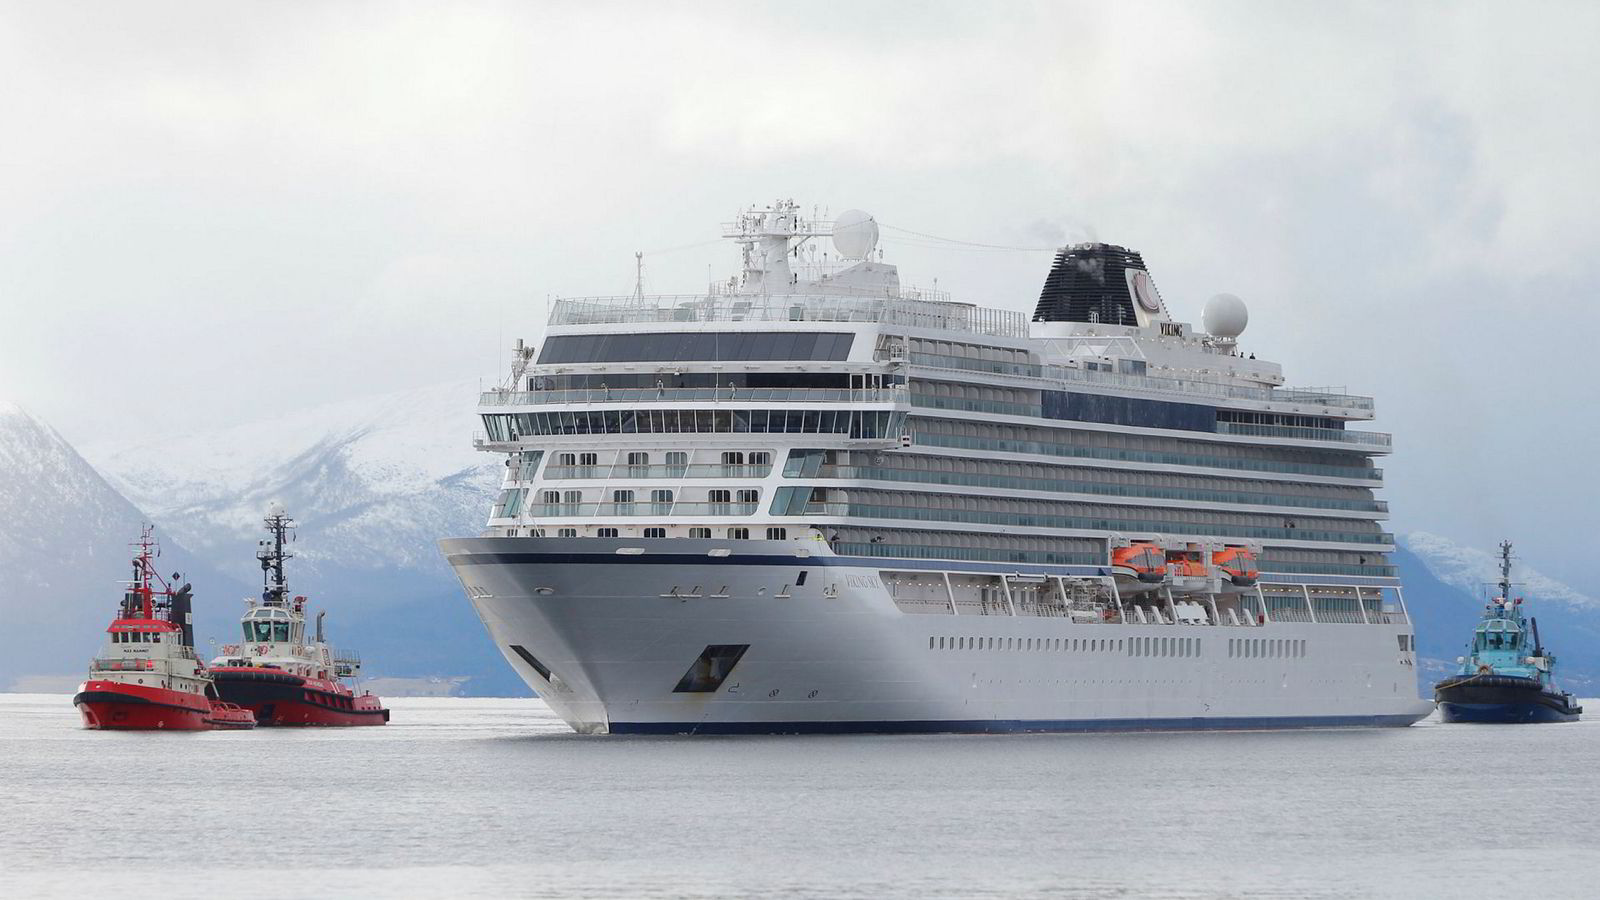 En rekke rederier har bestilt luksuscruiseskip for over 100 milliarder kroner. Blant dem er Torstein Hagens Viking Cruises, her med Viking Sky som ankommer Molde etter problemene som oppsto ved Hustadvika.